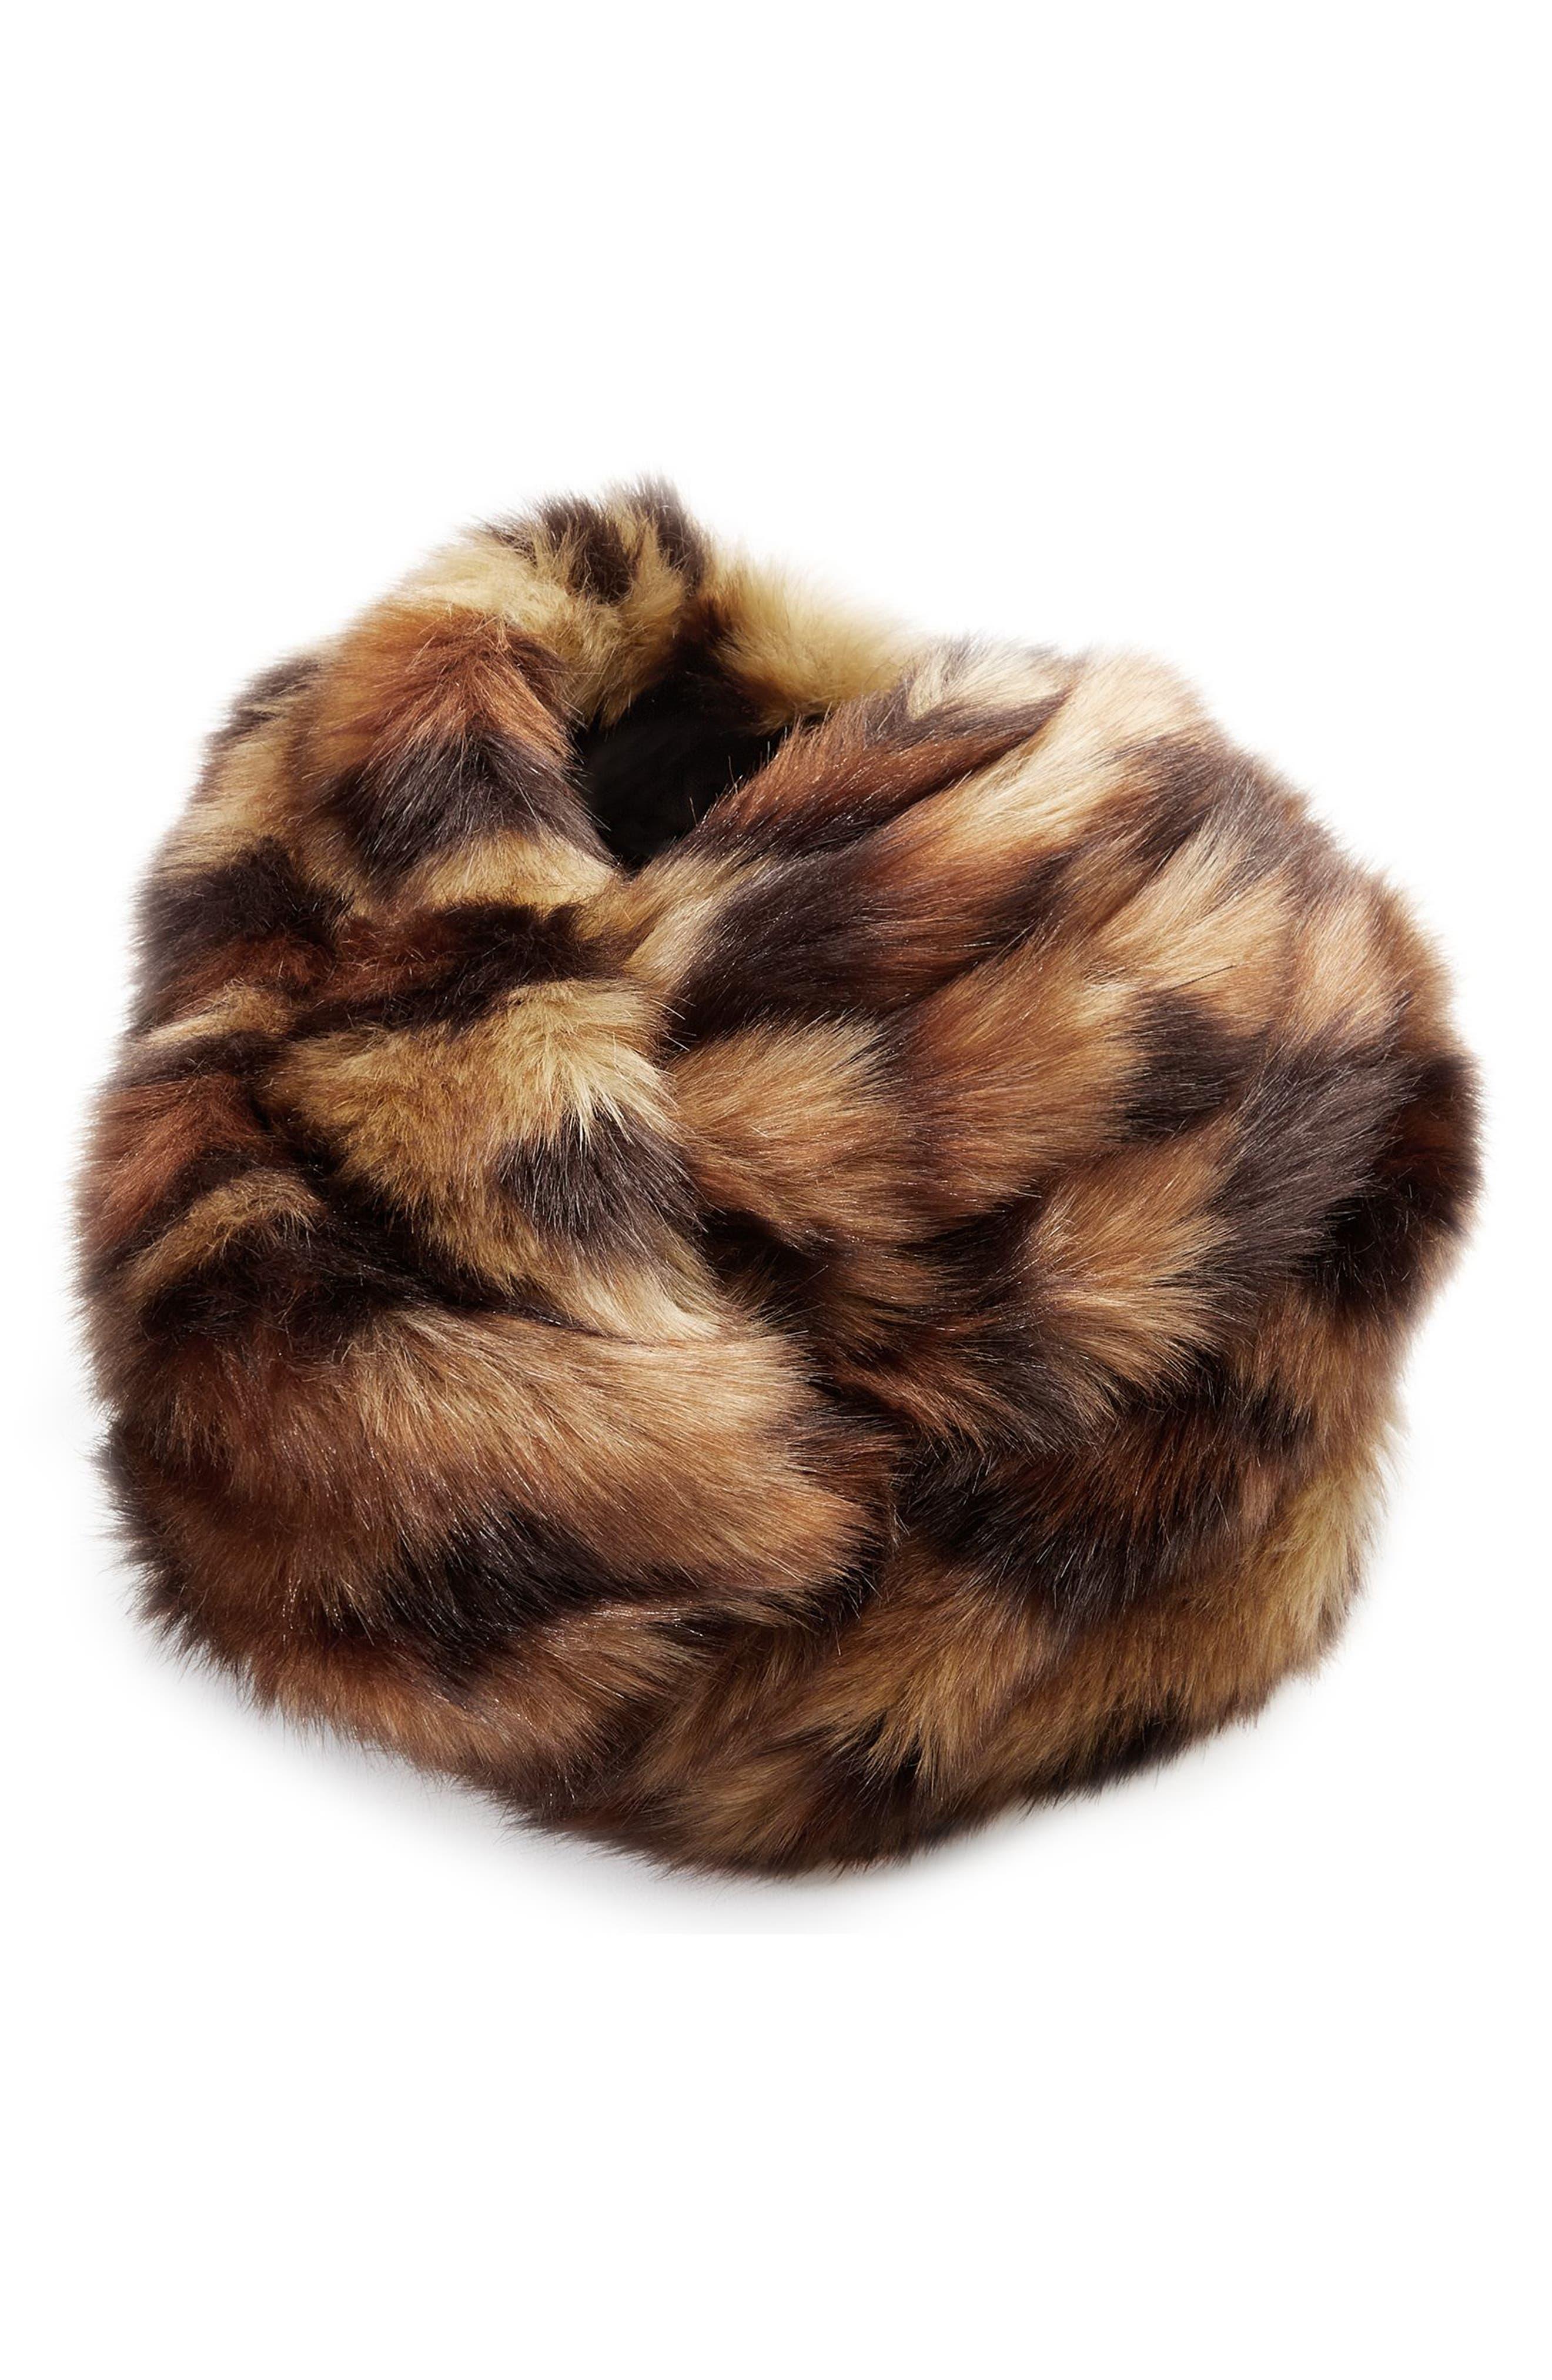 Leopard Faux Fur Turban,                             Main thumbnail 1, color,                             BEIGE/ BLACK